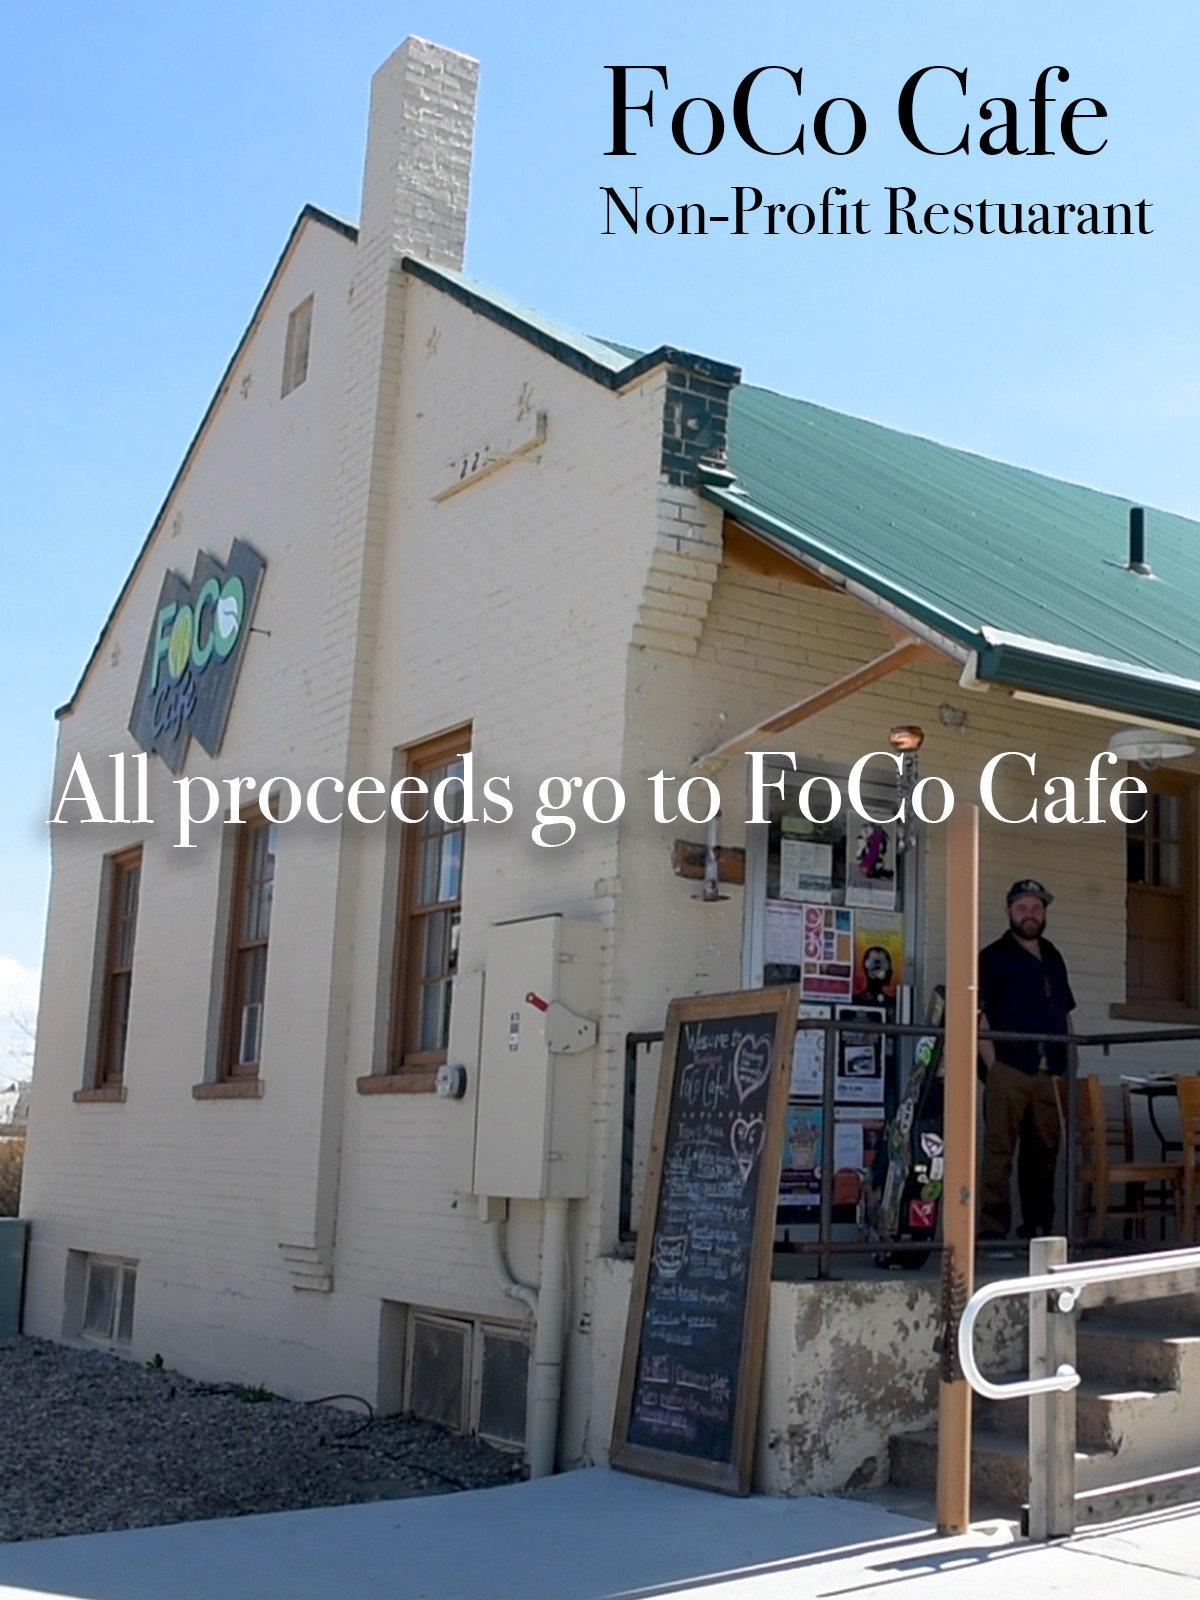 FoCo Cafe